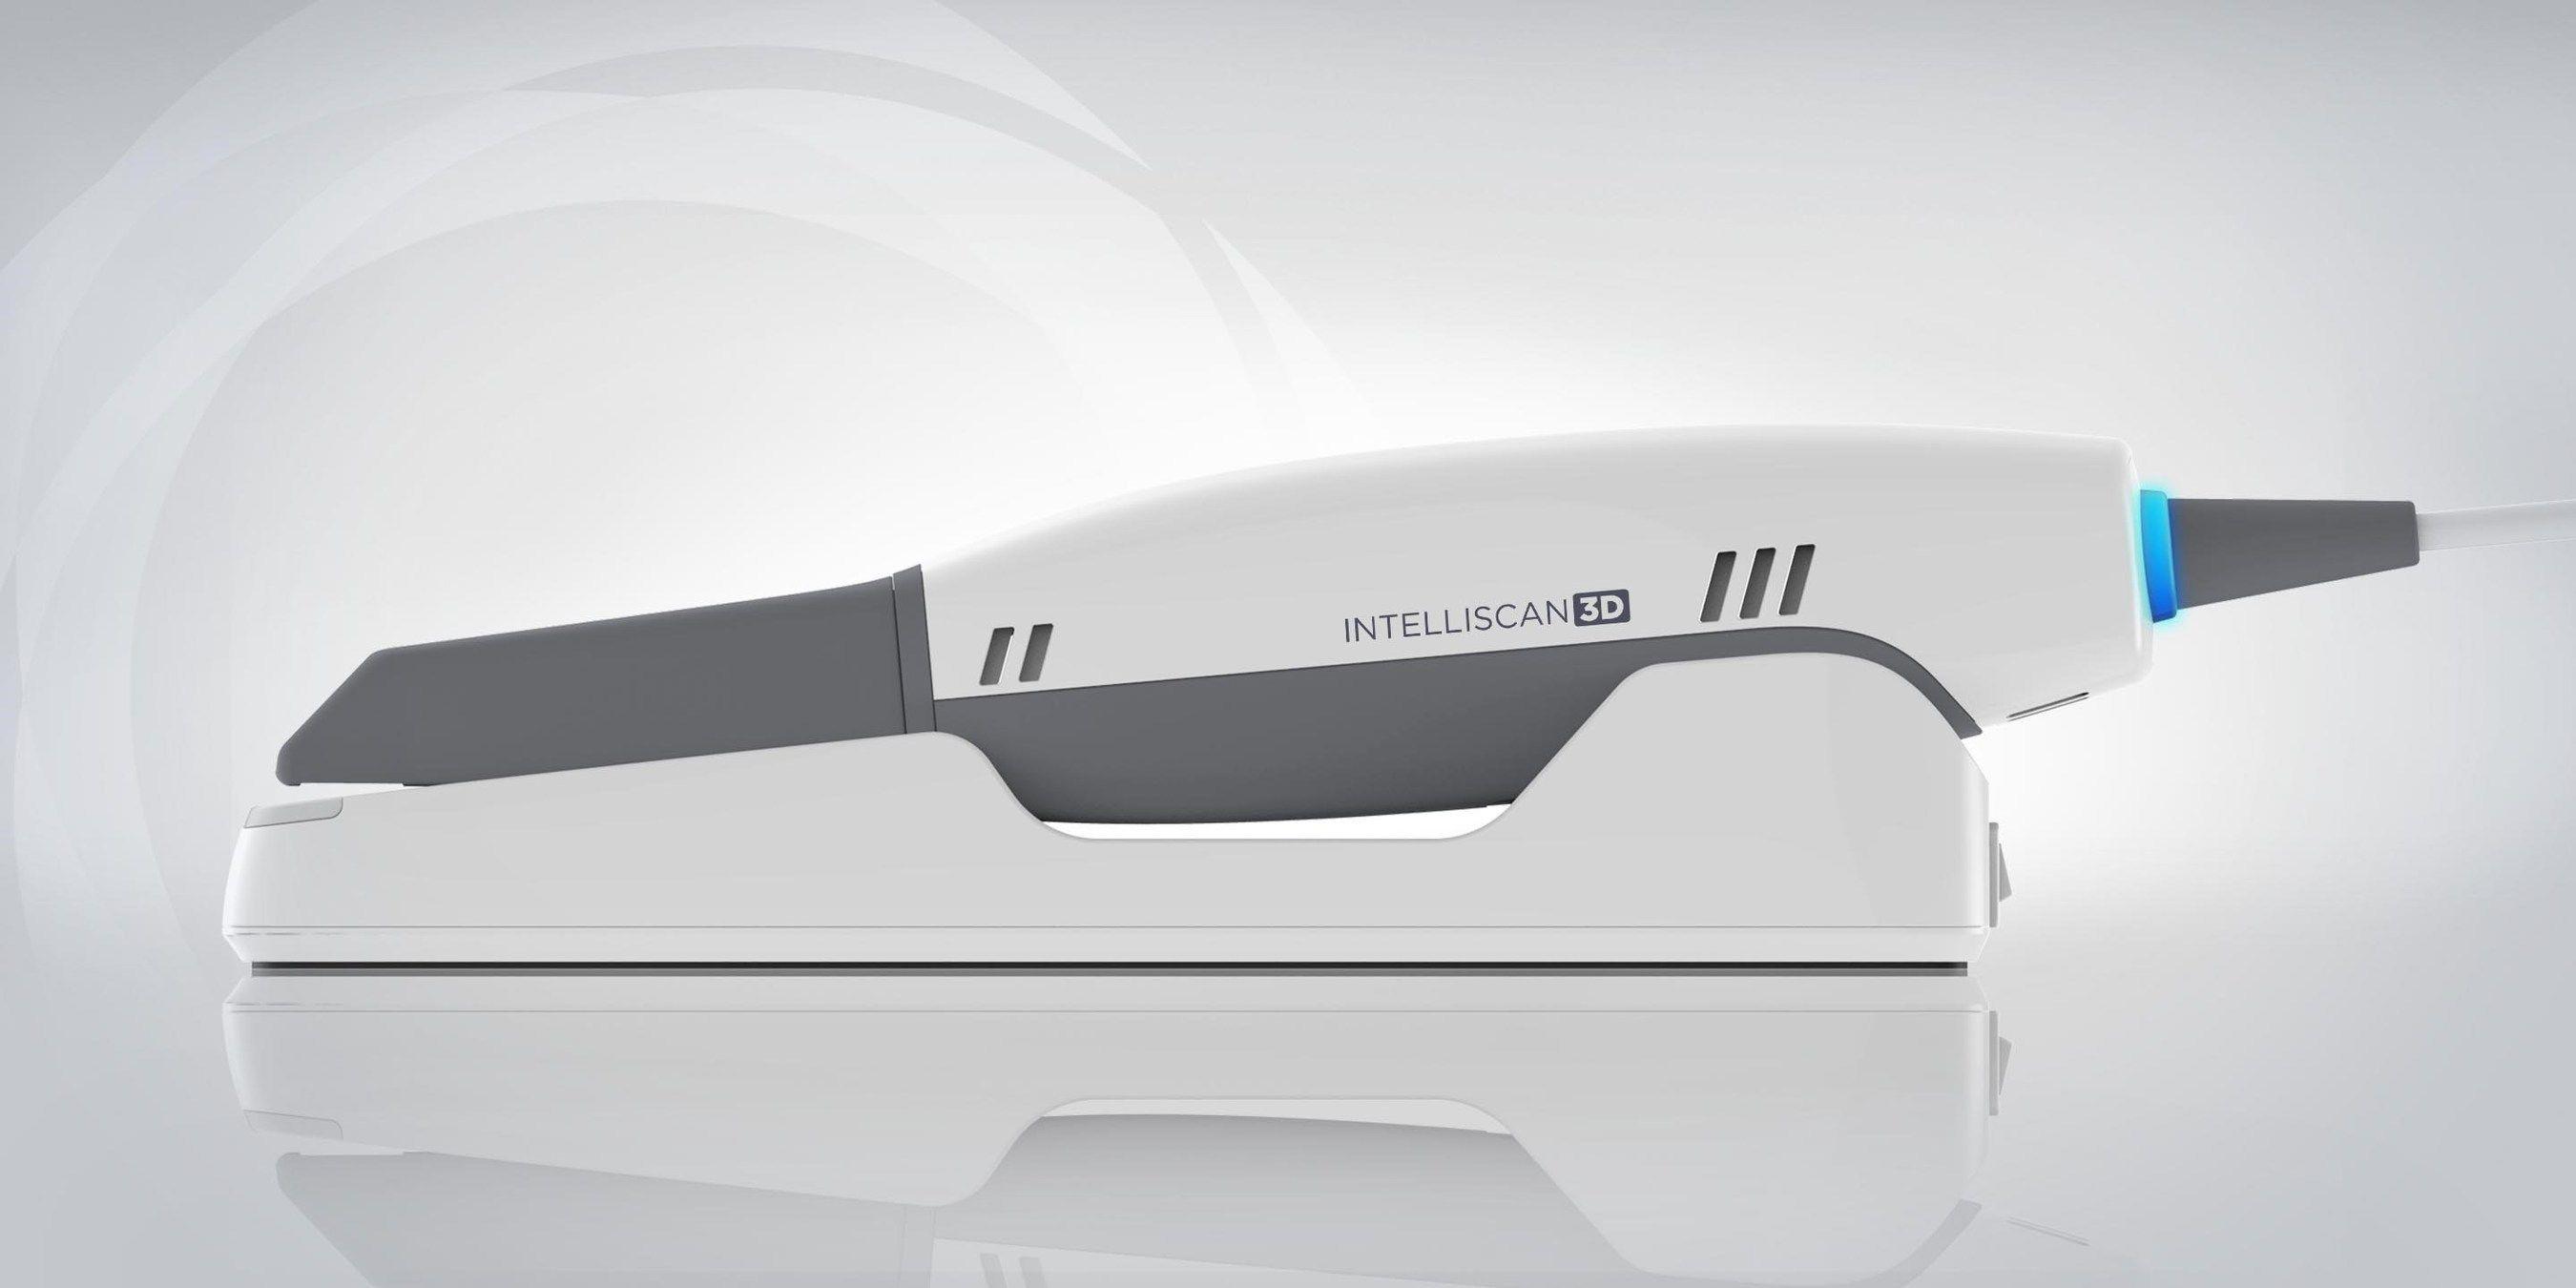 INTELLISCAN 3D